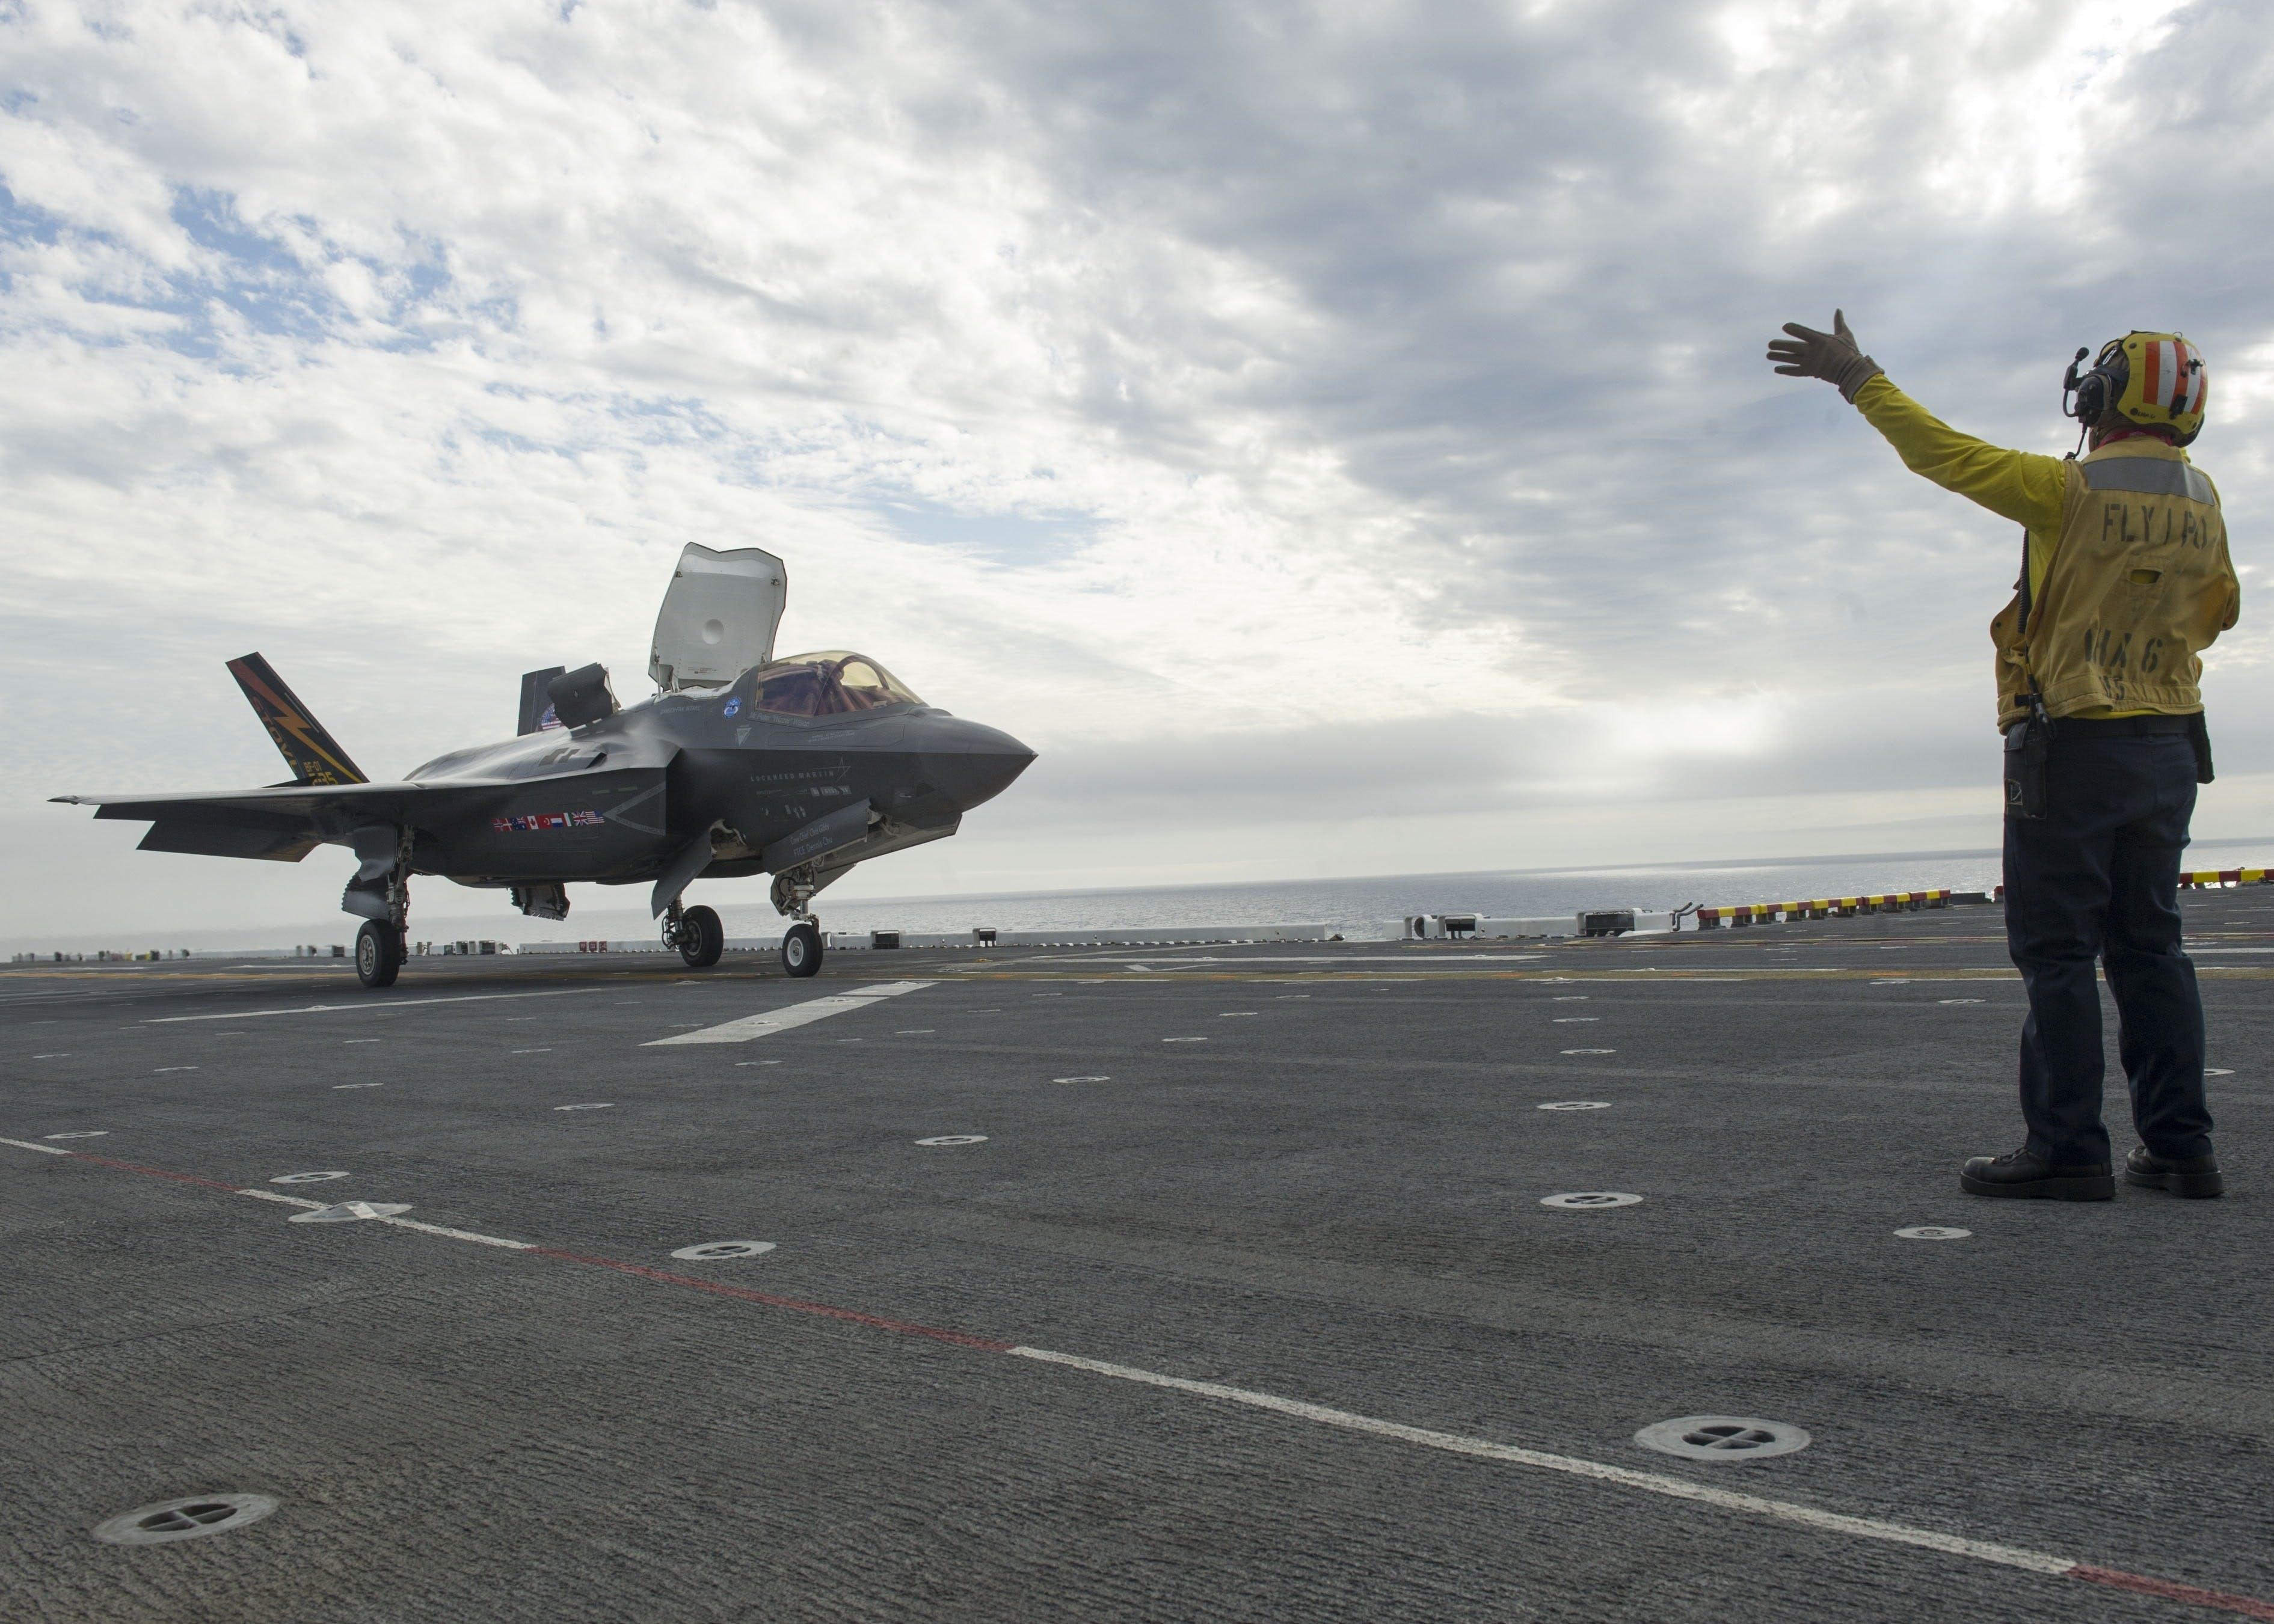 British pilots in F-35B trials at sea